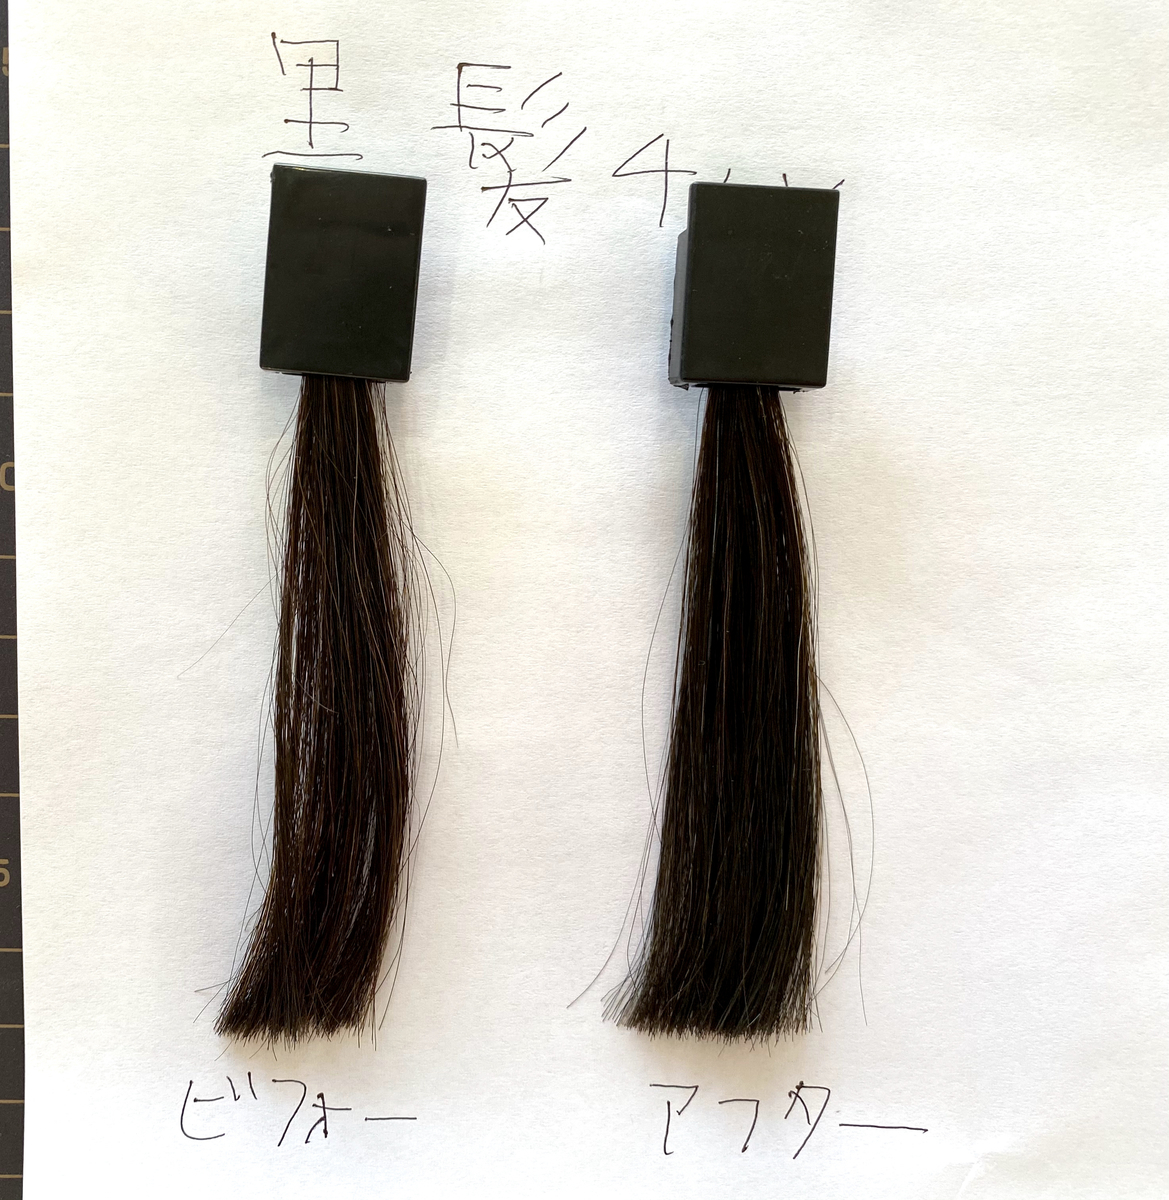 画面左が黒髪で画面右が黒髪にヘンプグリーンで染めた毛束